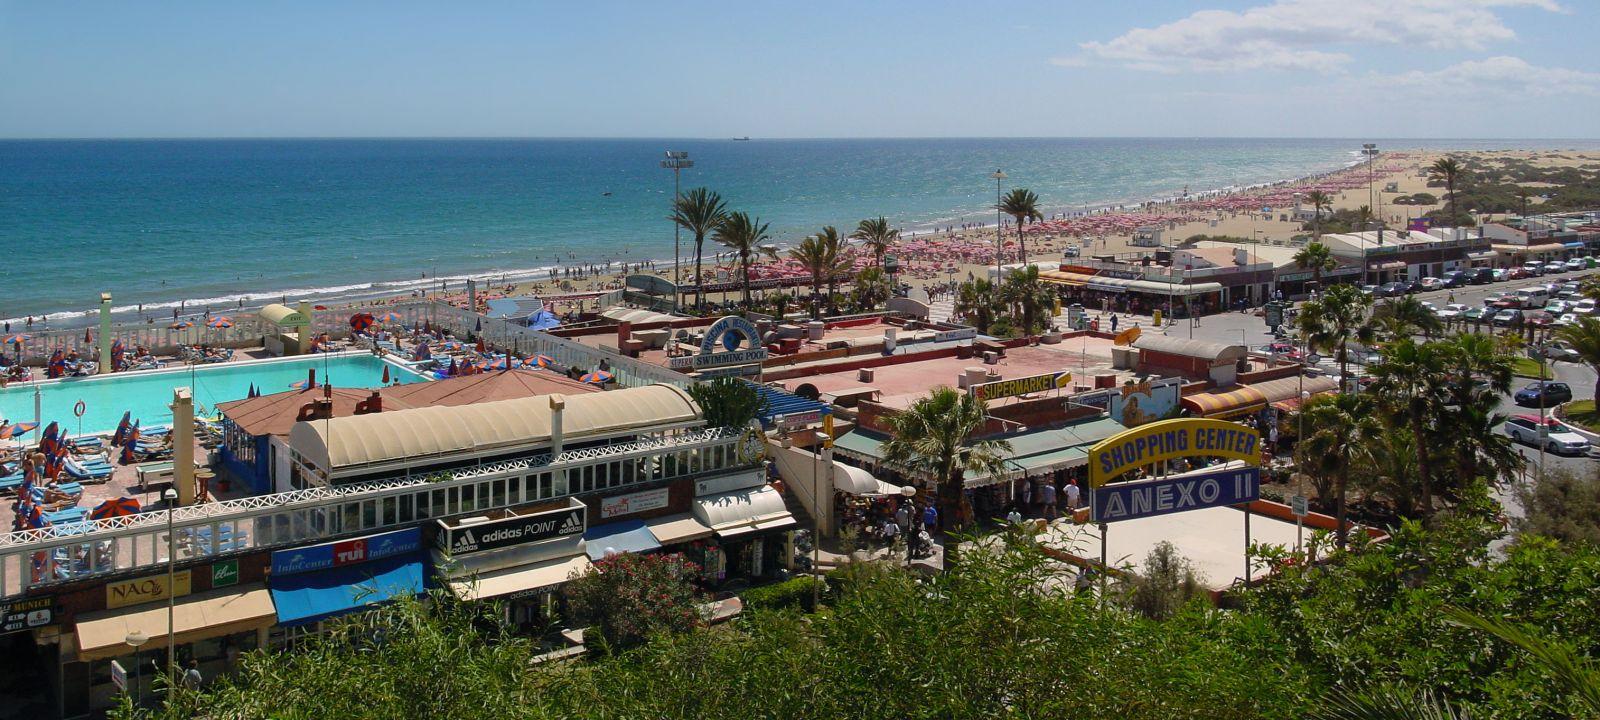 playa del ingles, hotel escorial, gran canaria